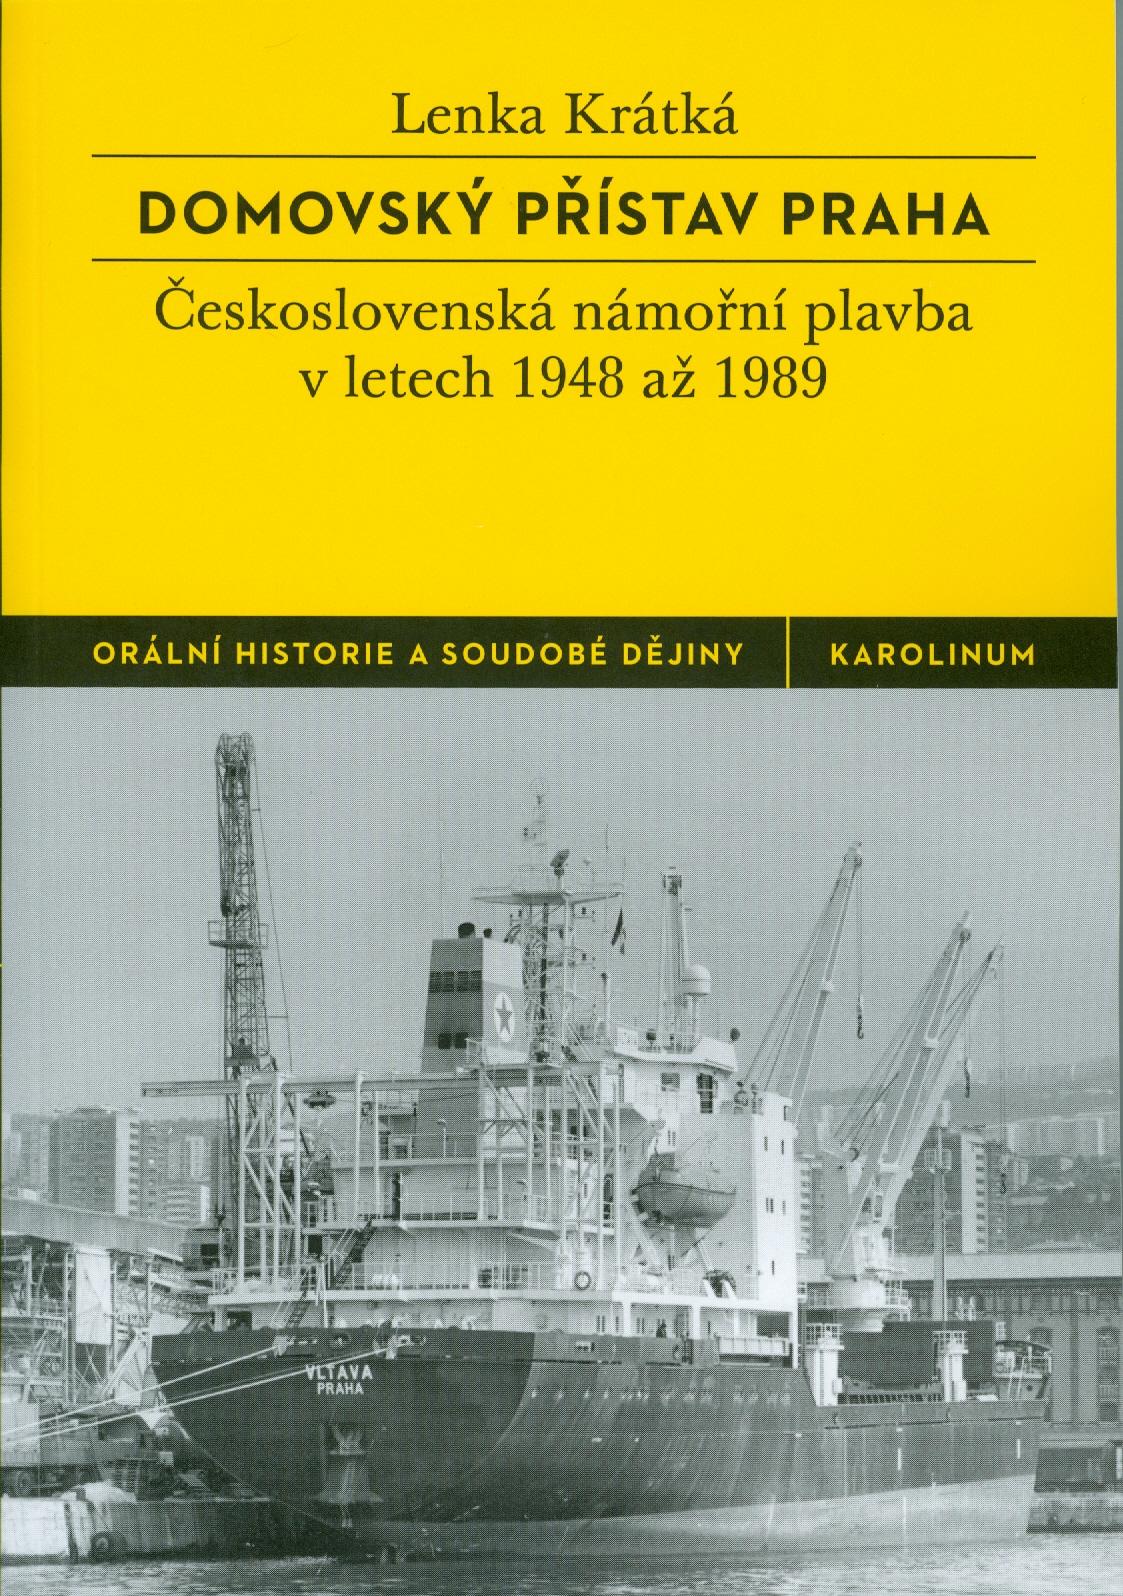 Lenka KRÁTKÁ, Domovský přístav Praha. Československá námořní plavba v letech 1948-1989